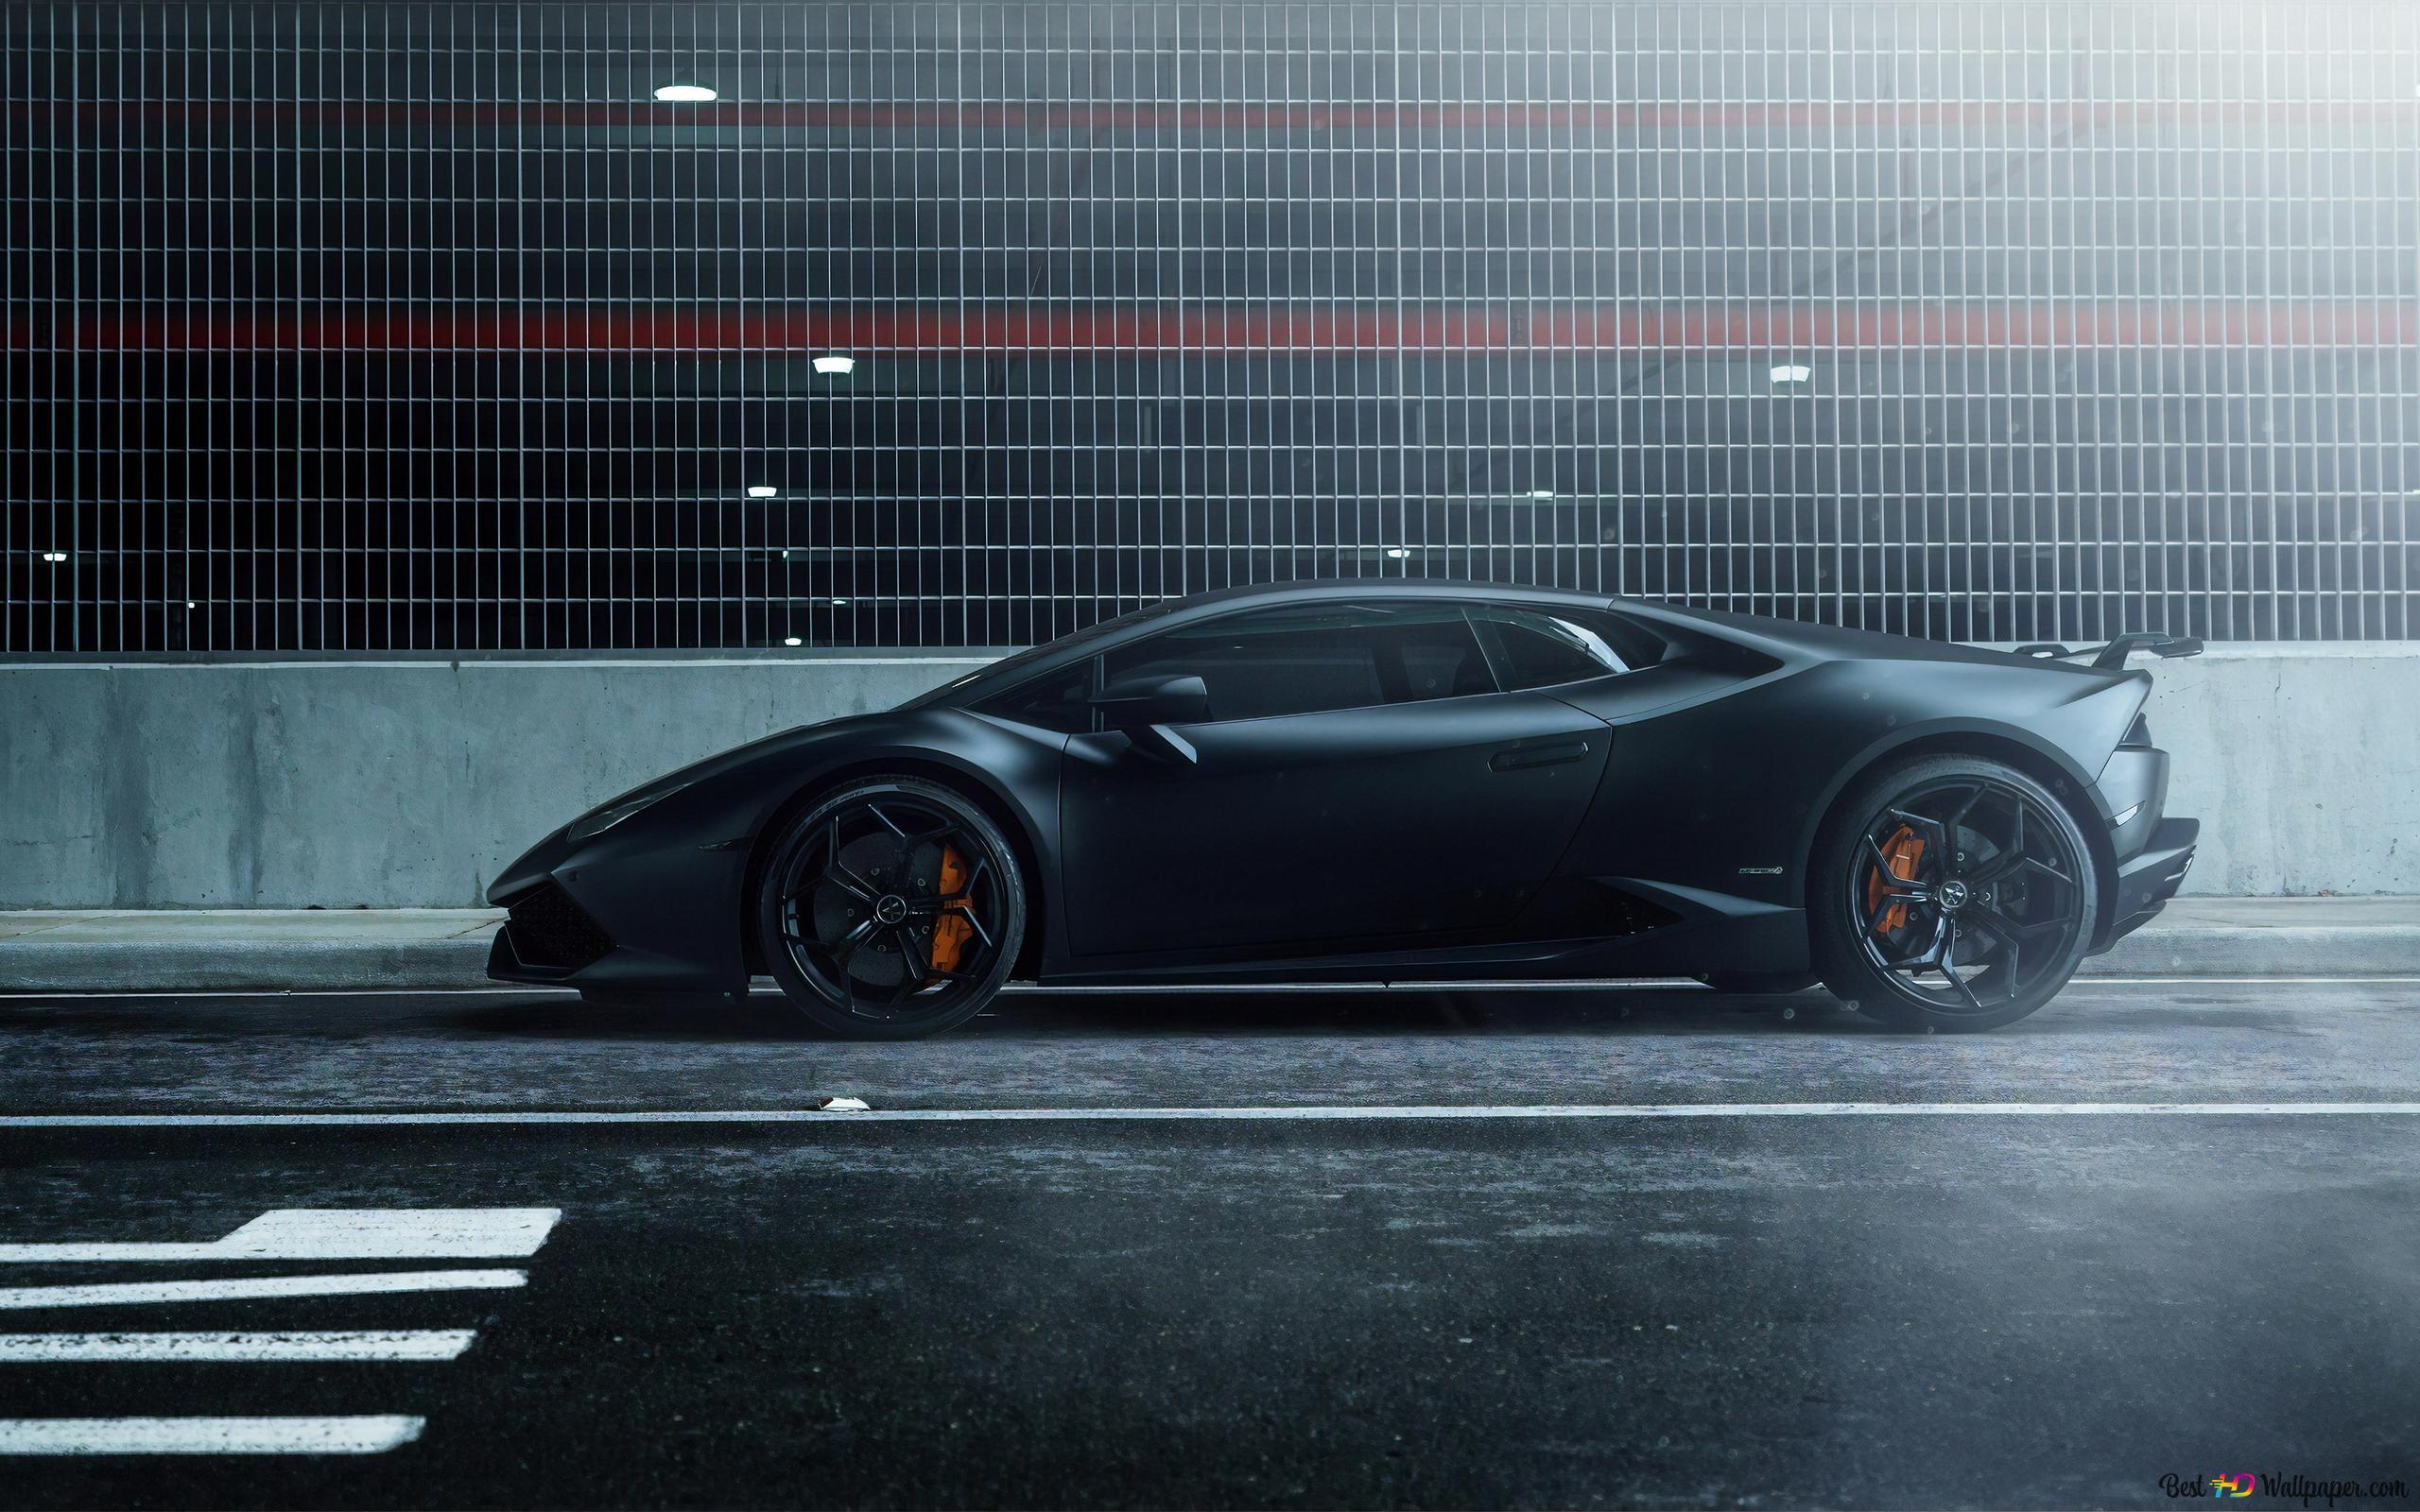 Descargar Fondo De Pantalla Estilo Lamborghini Huracán Hd